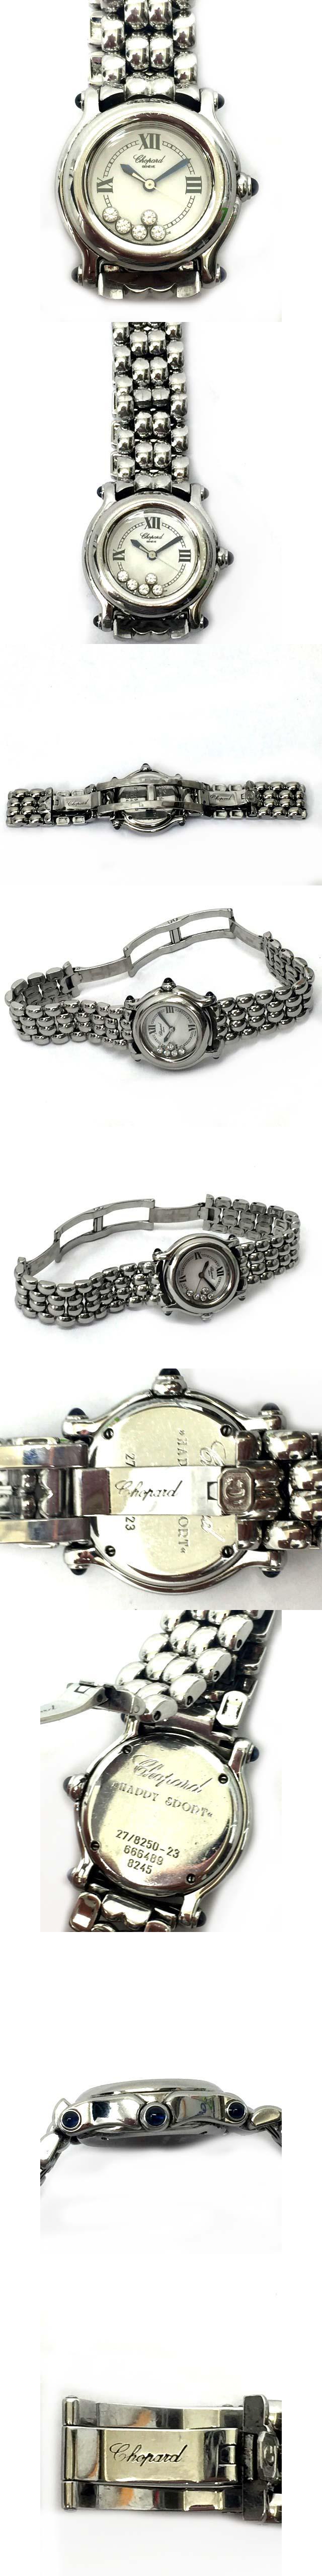 ハッピースポーツSS 腕時計 クオーツ 5Pムービングダイヤ シルバー 27/8250-23